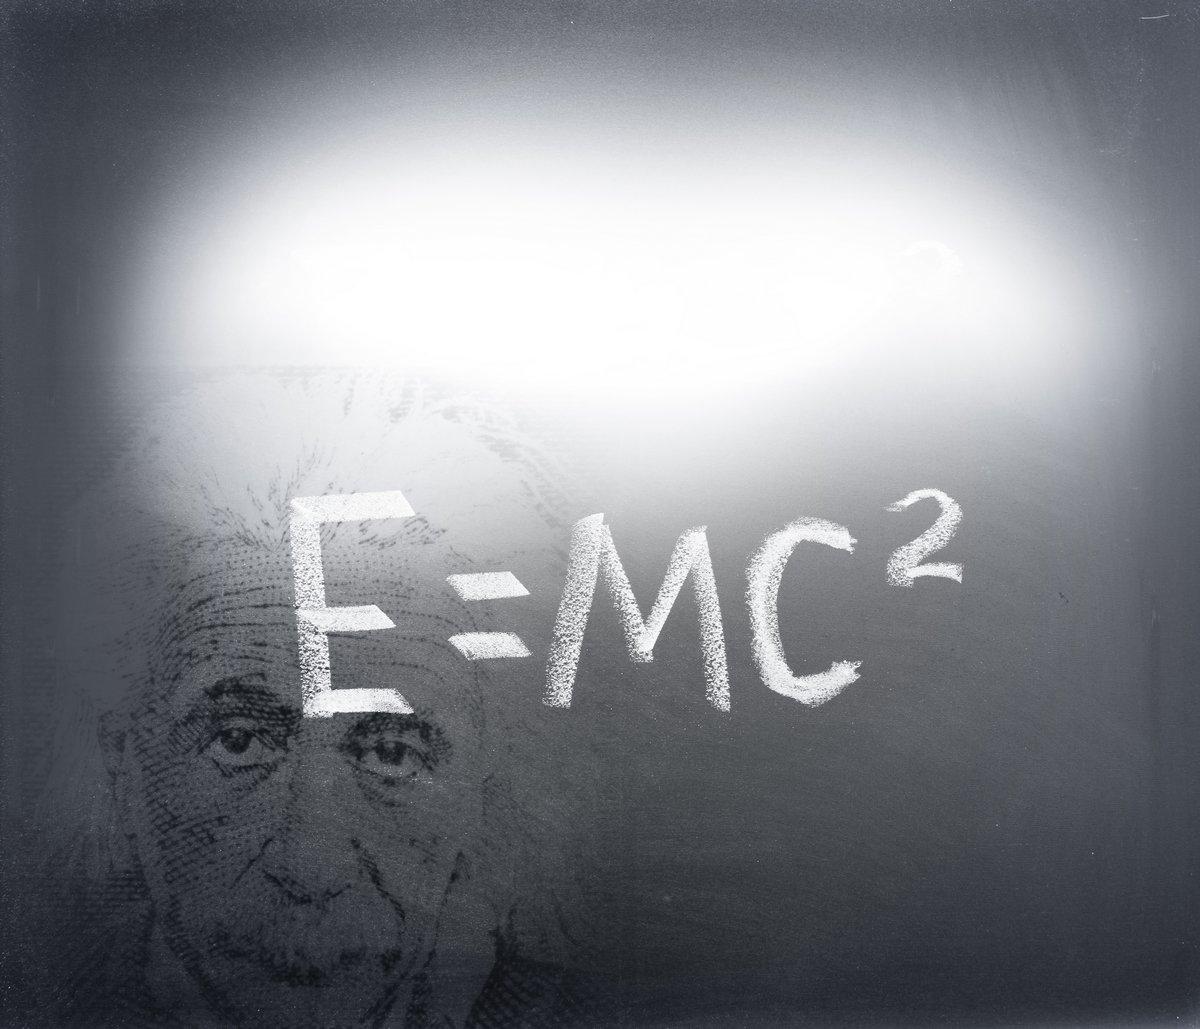 Постер Альберт Эйнштейн формулаФормула Эйнштейна<br>Постер на холсте или бумаге. Любого нужного вам размера. В раме или без. Подвес в комплекте. Трехслойная надежная упаковка. Доставим в любую точку России. Вам осталось только повесить картину на стену!<br>